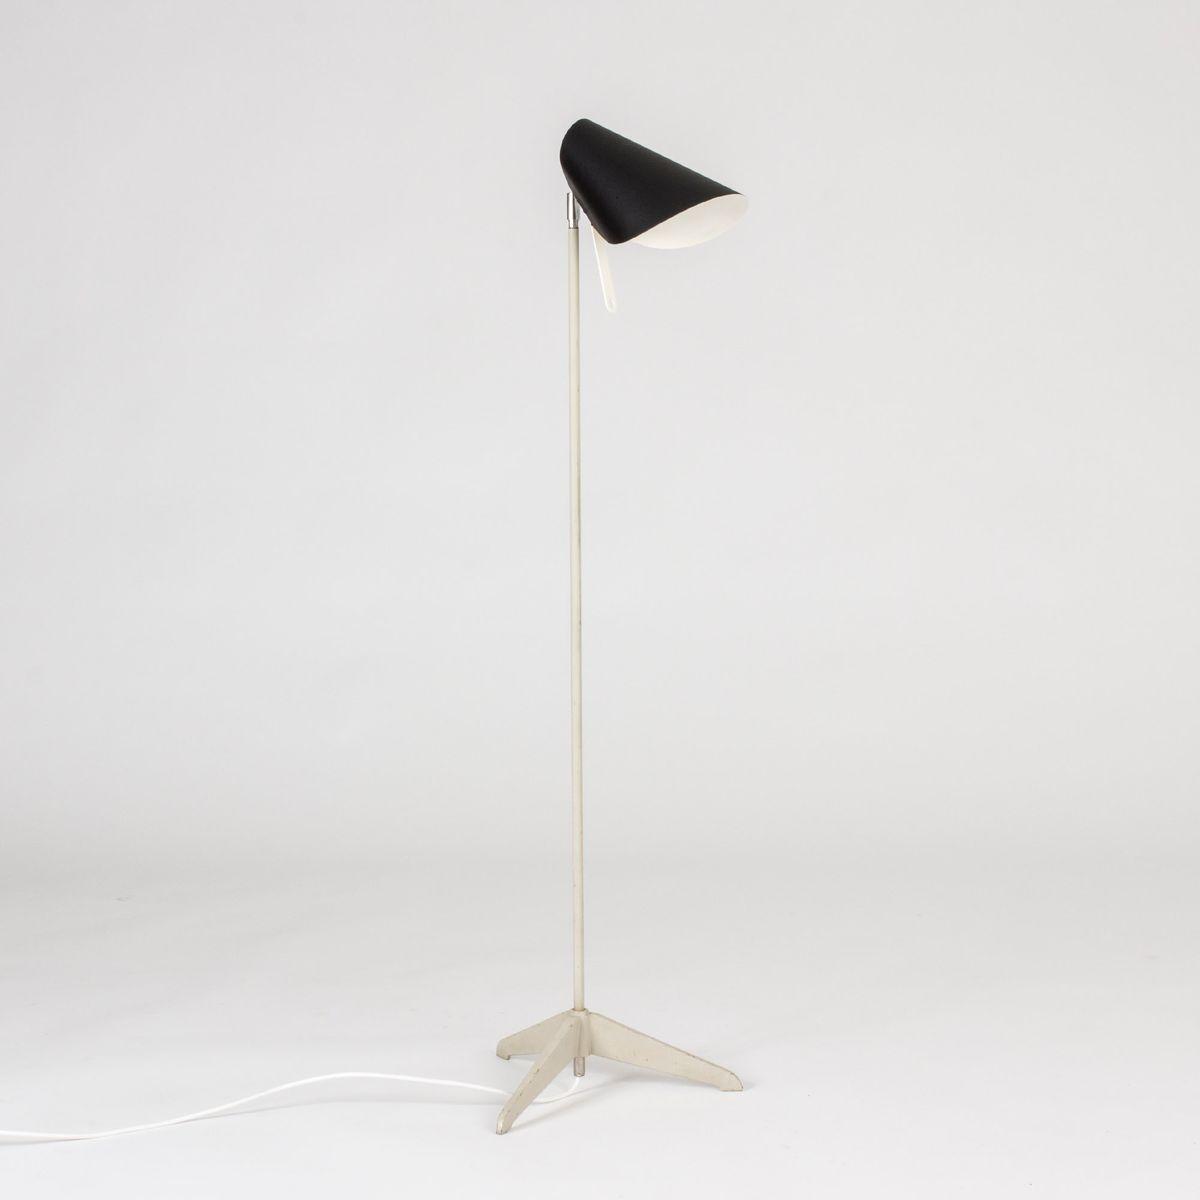 Ausgefallene Stehlampen Stehleuchten Design Holz Stehlampe